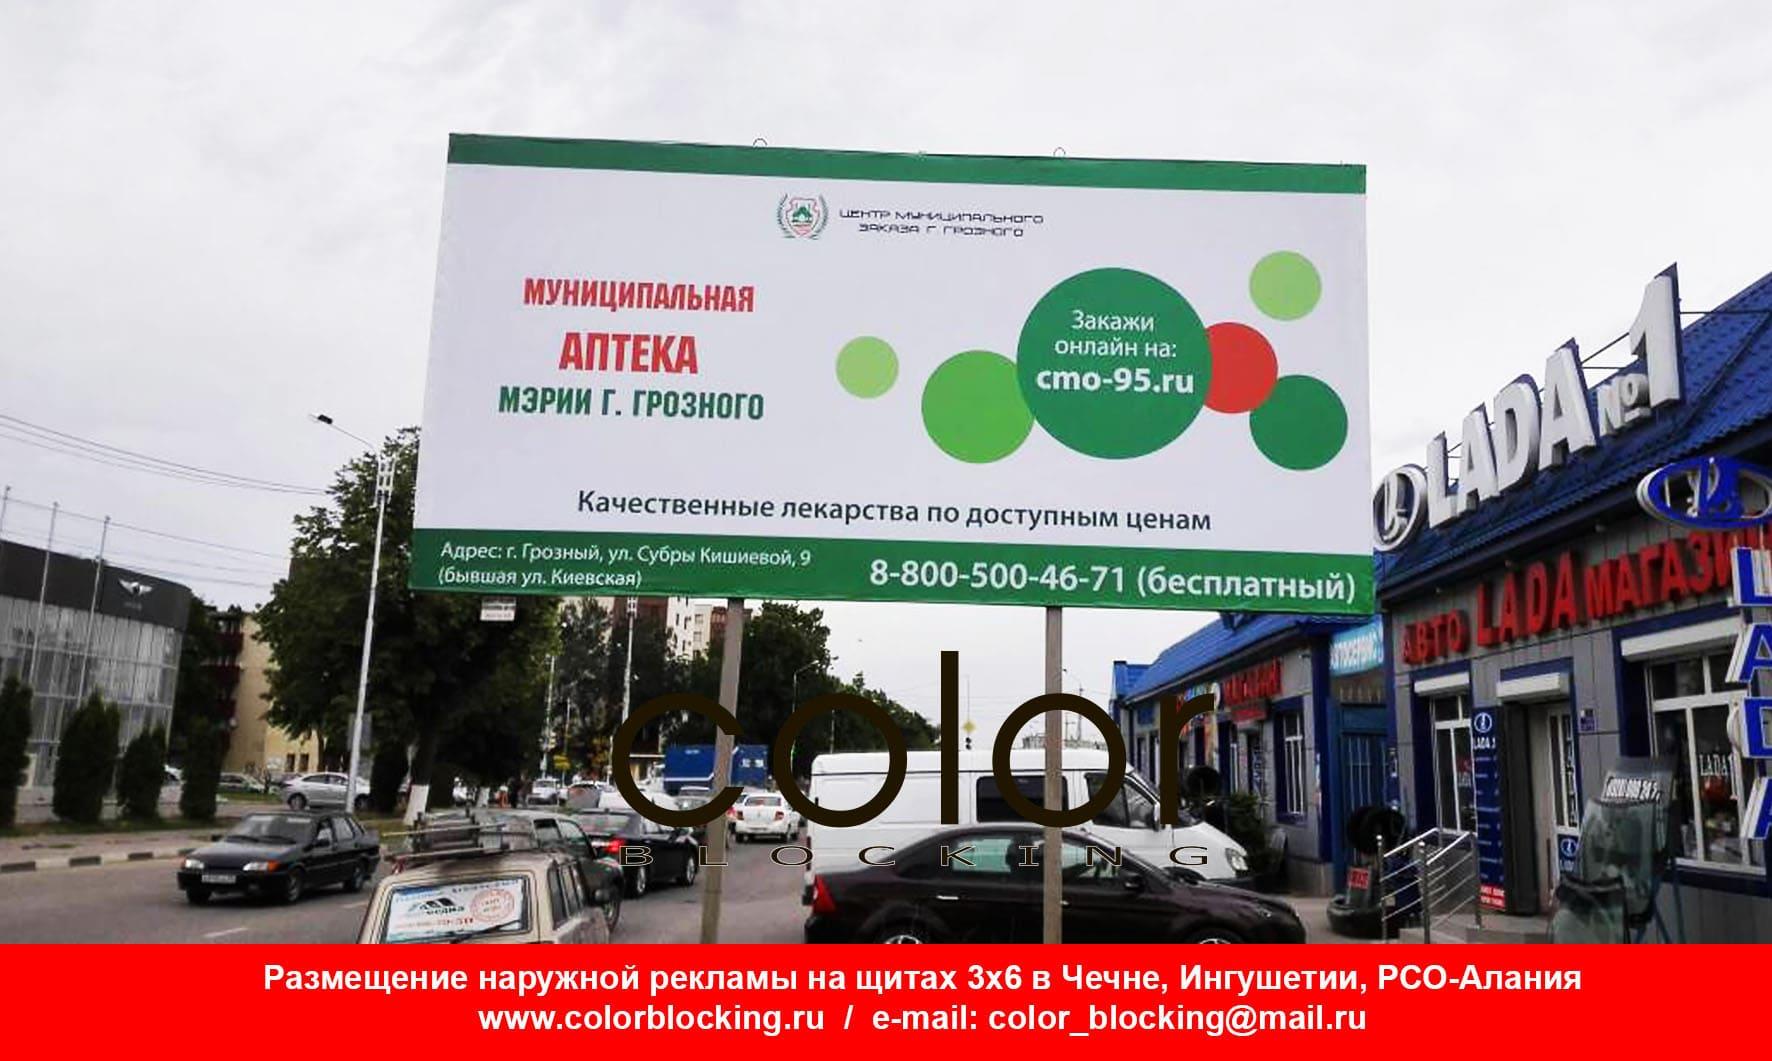 Рекламная кампания в Чечне щиты